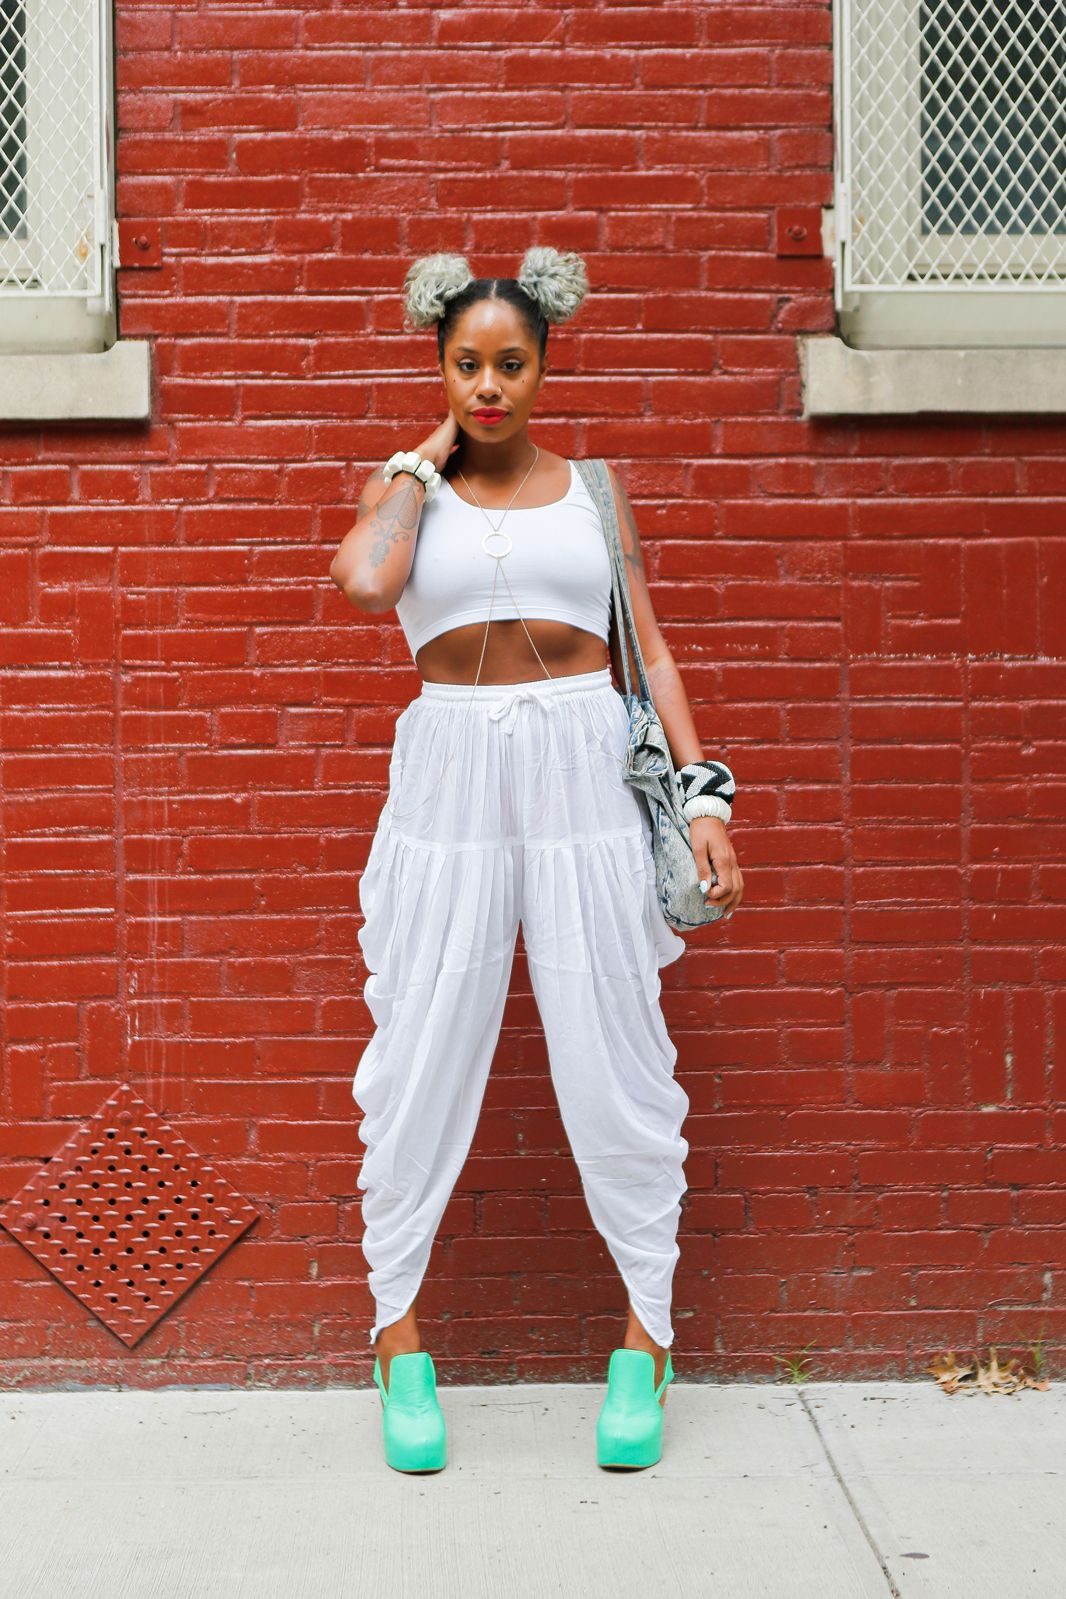 Tamika matthews stylishbee on pinterest